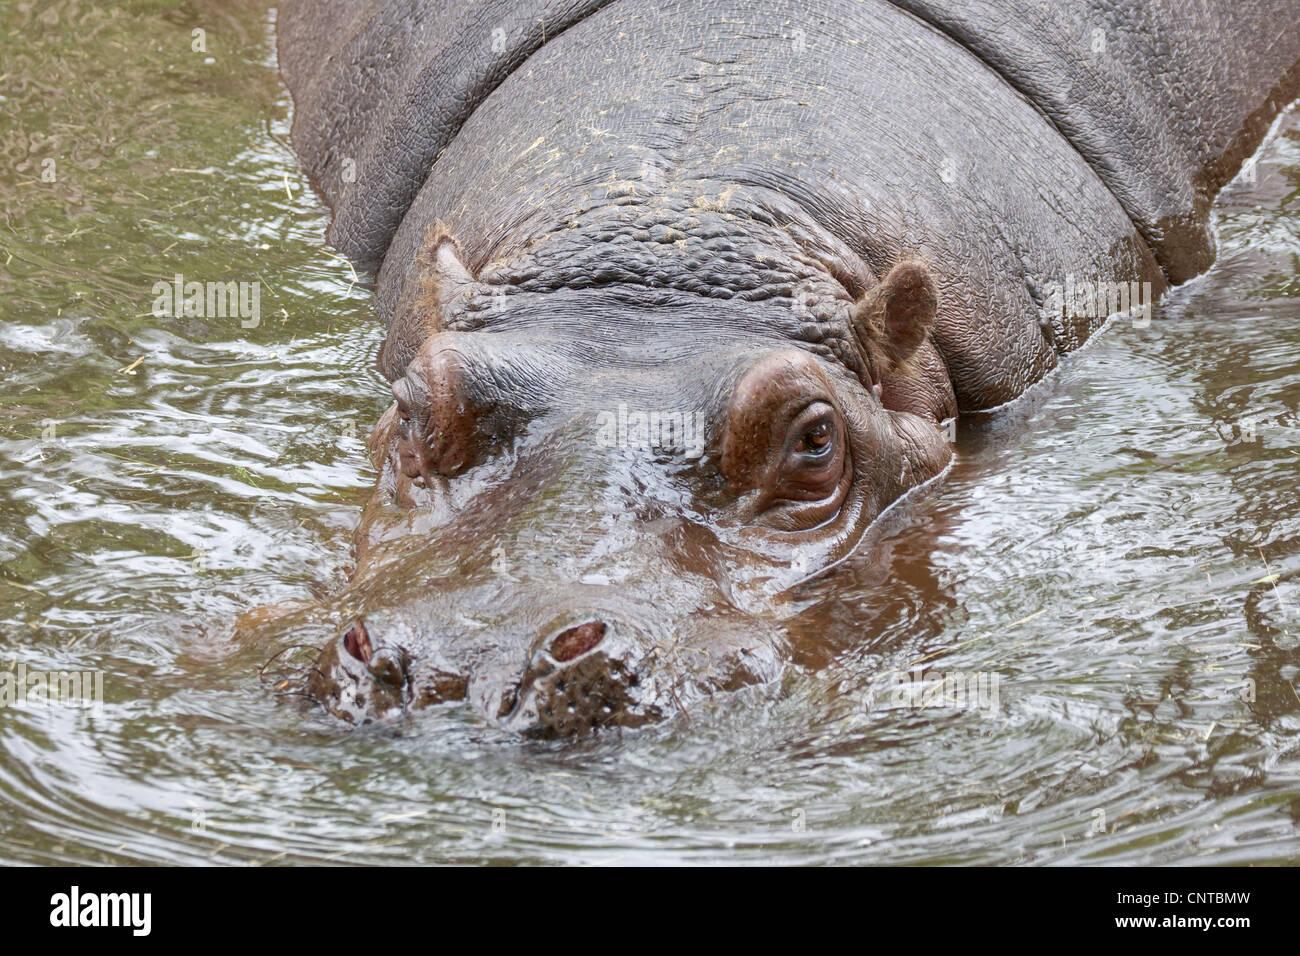 Hipopótamo nadar en el agua del río vista frontal Imagen De Stock